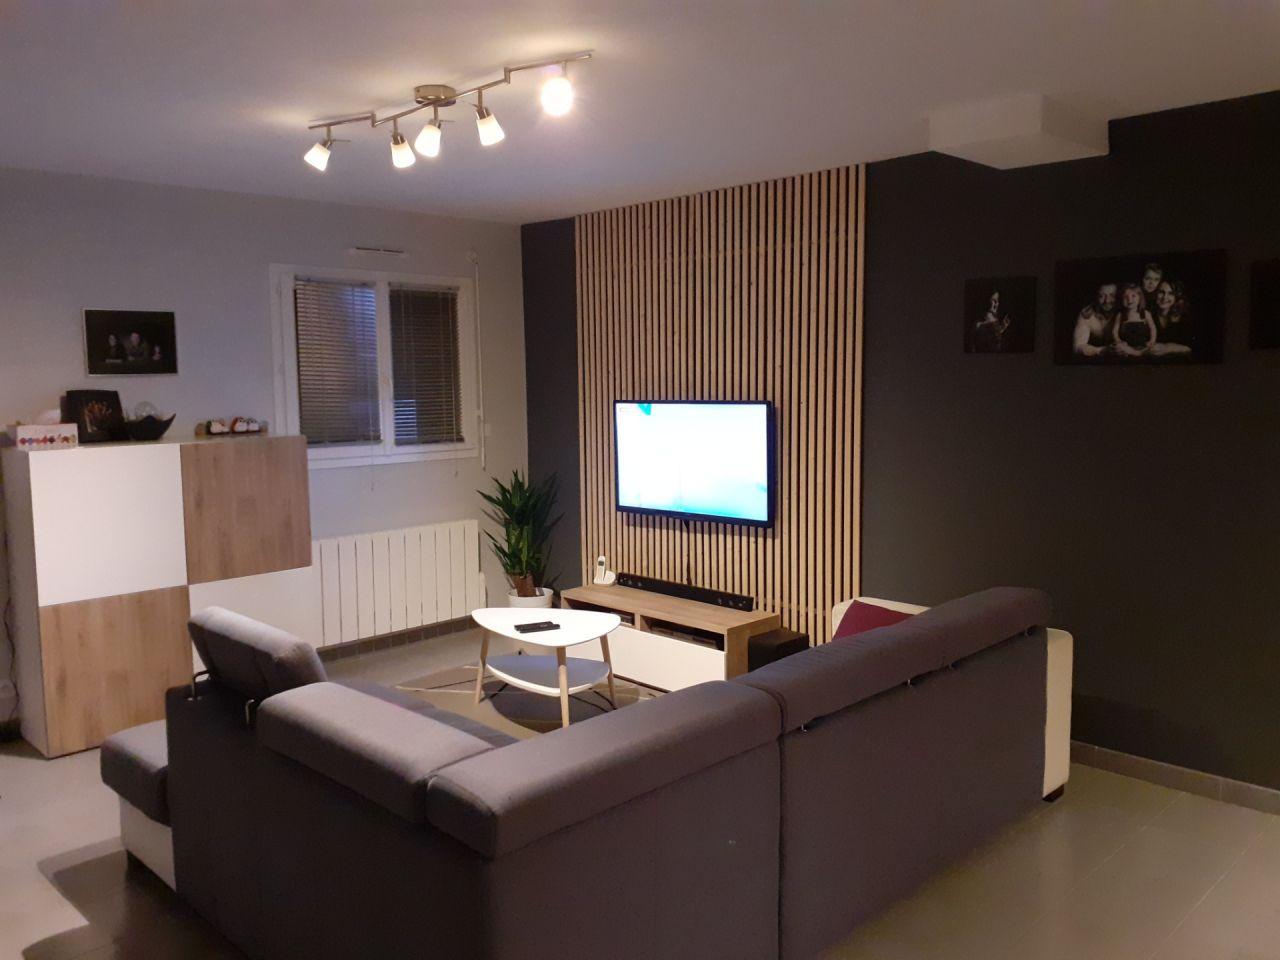 Changement de decoration Salon => fabrication maison du décor derrière la tv  Avec tasseaux de bois